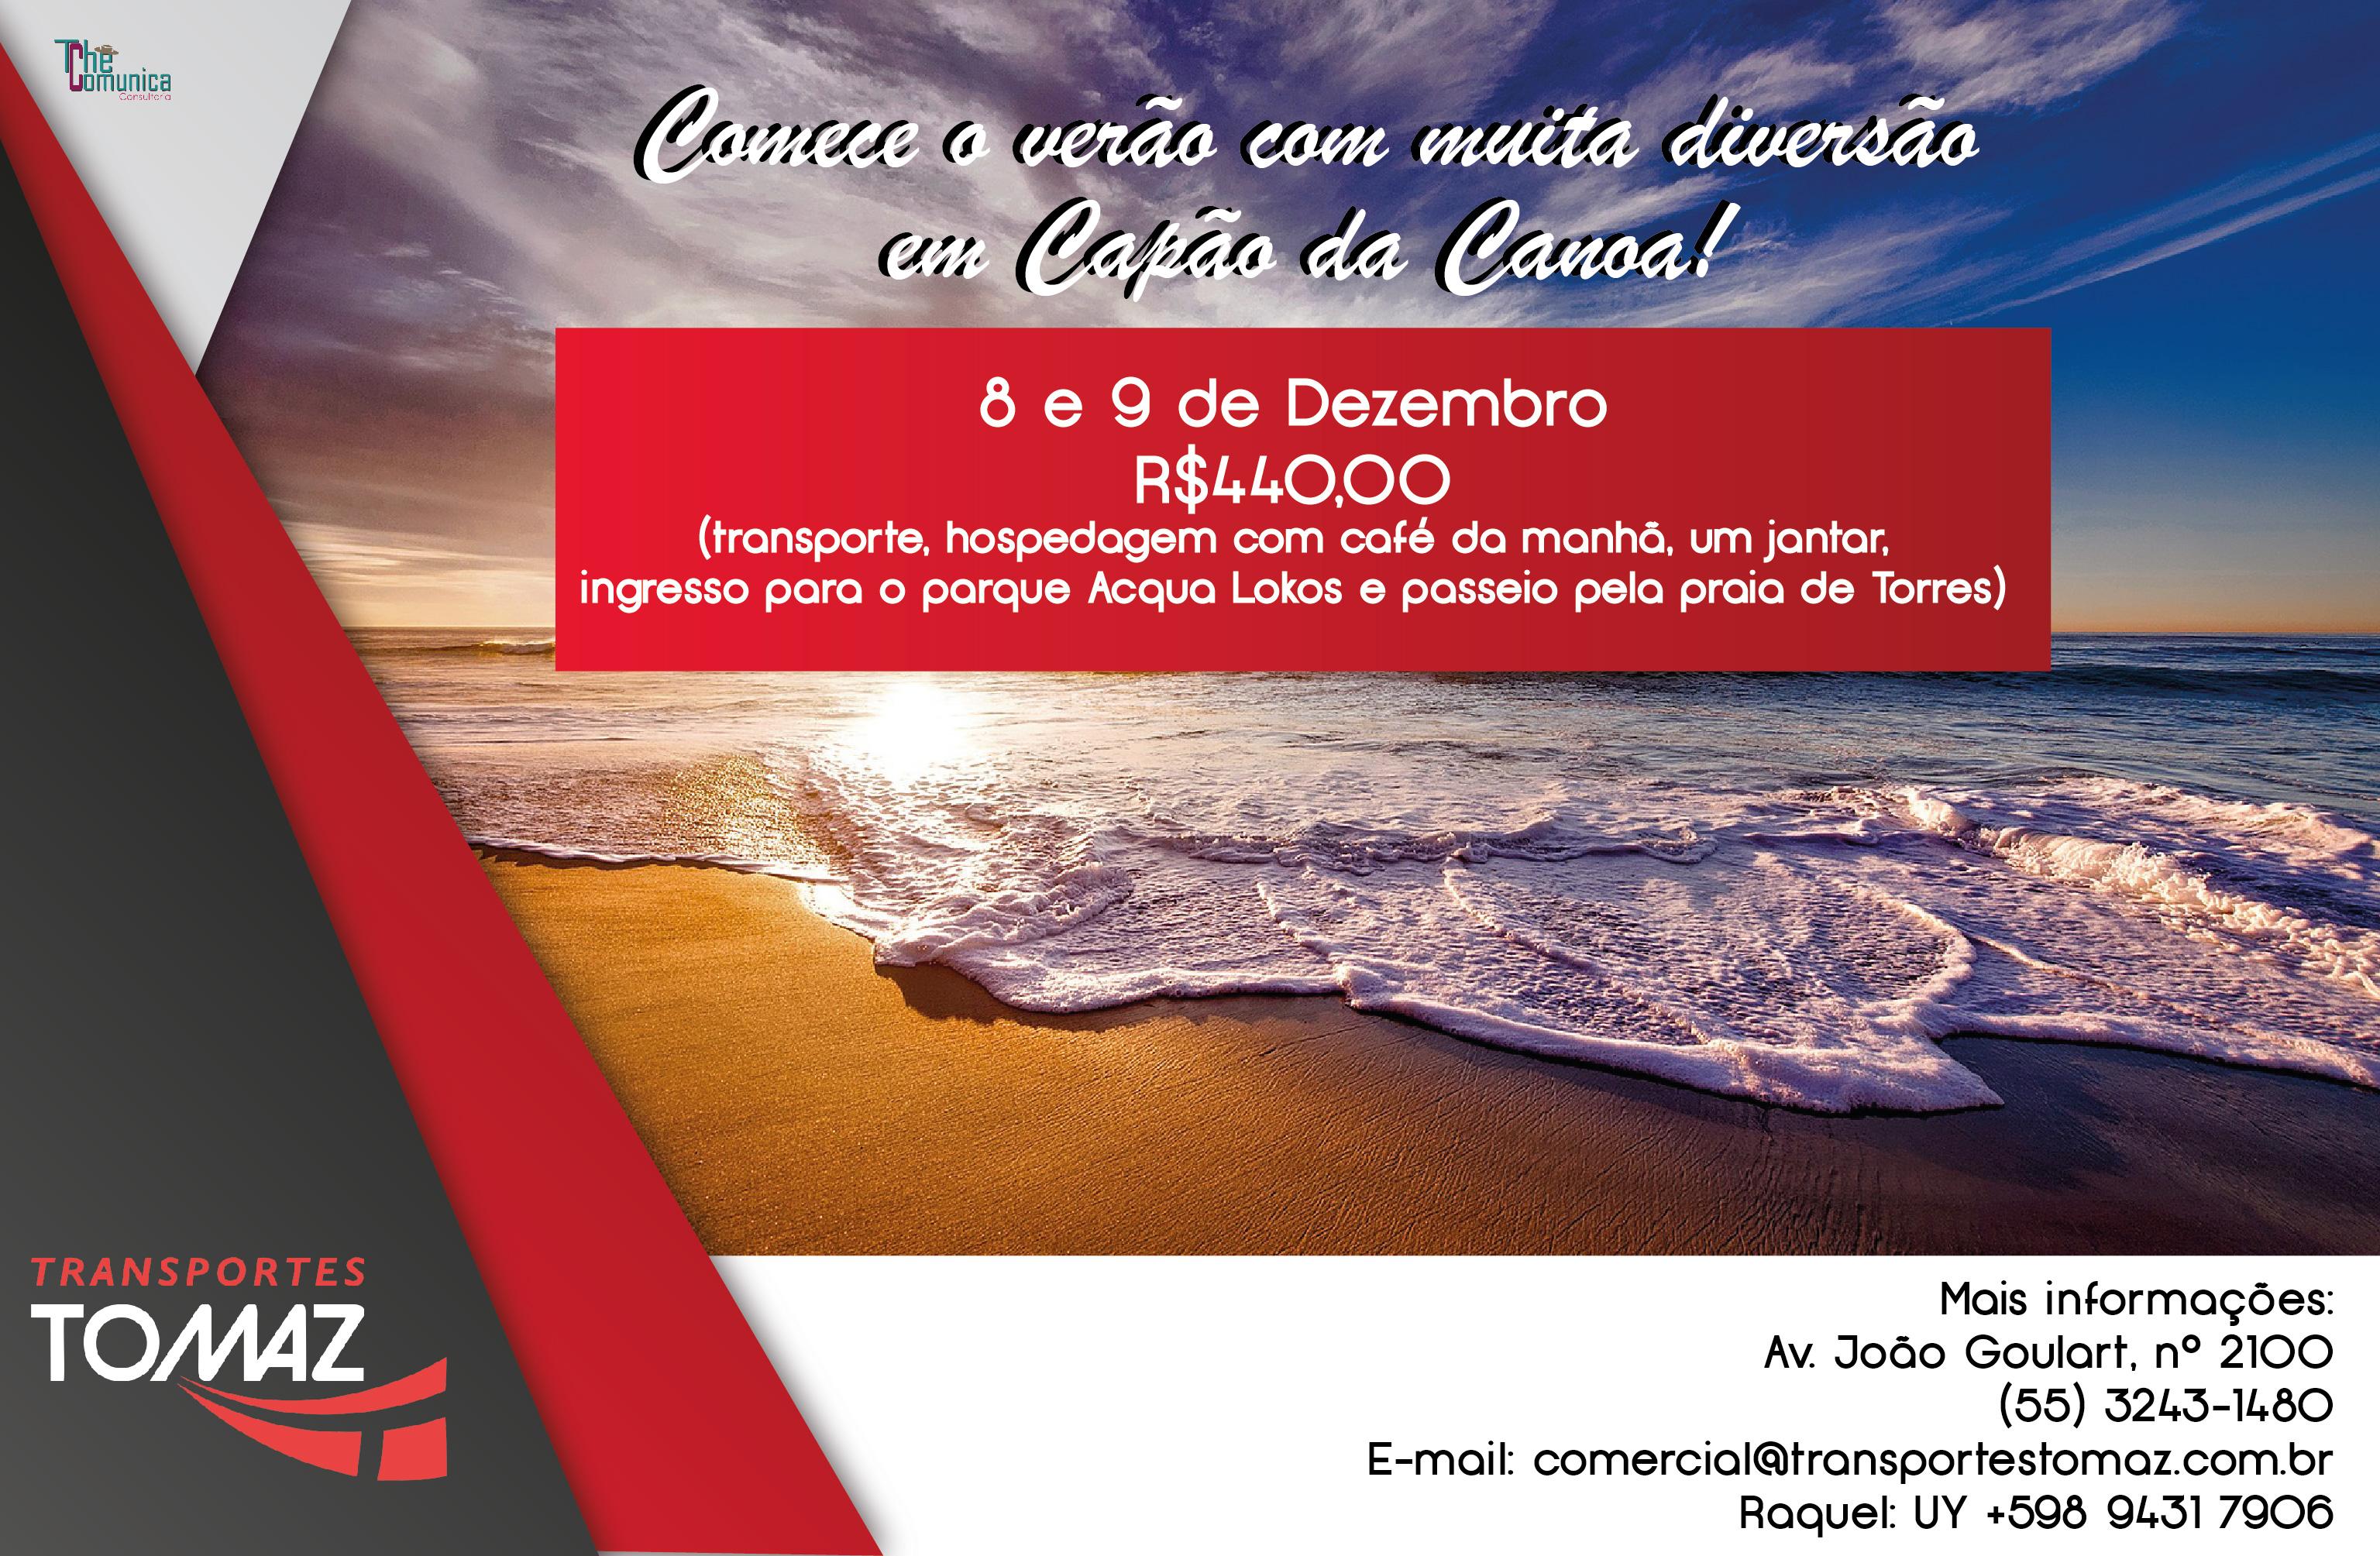 Capão da Canoa - 8 a 9 de Dezembro